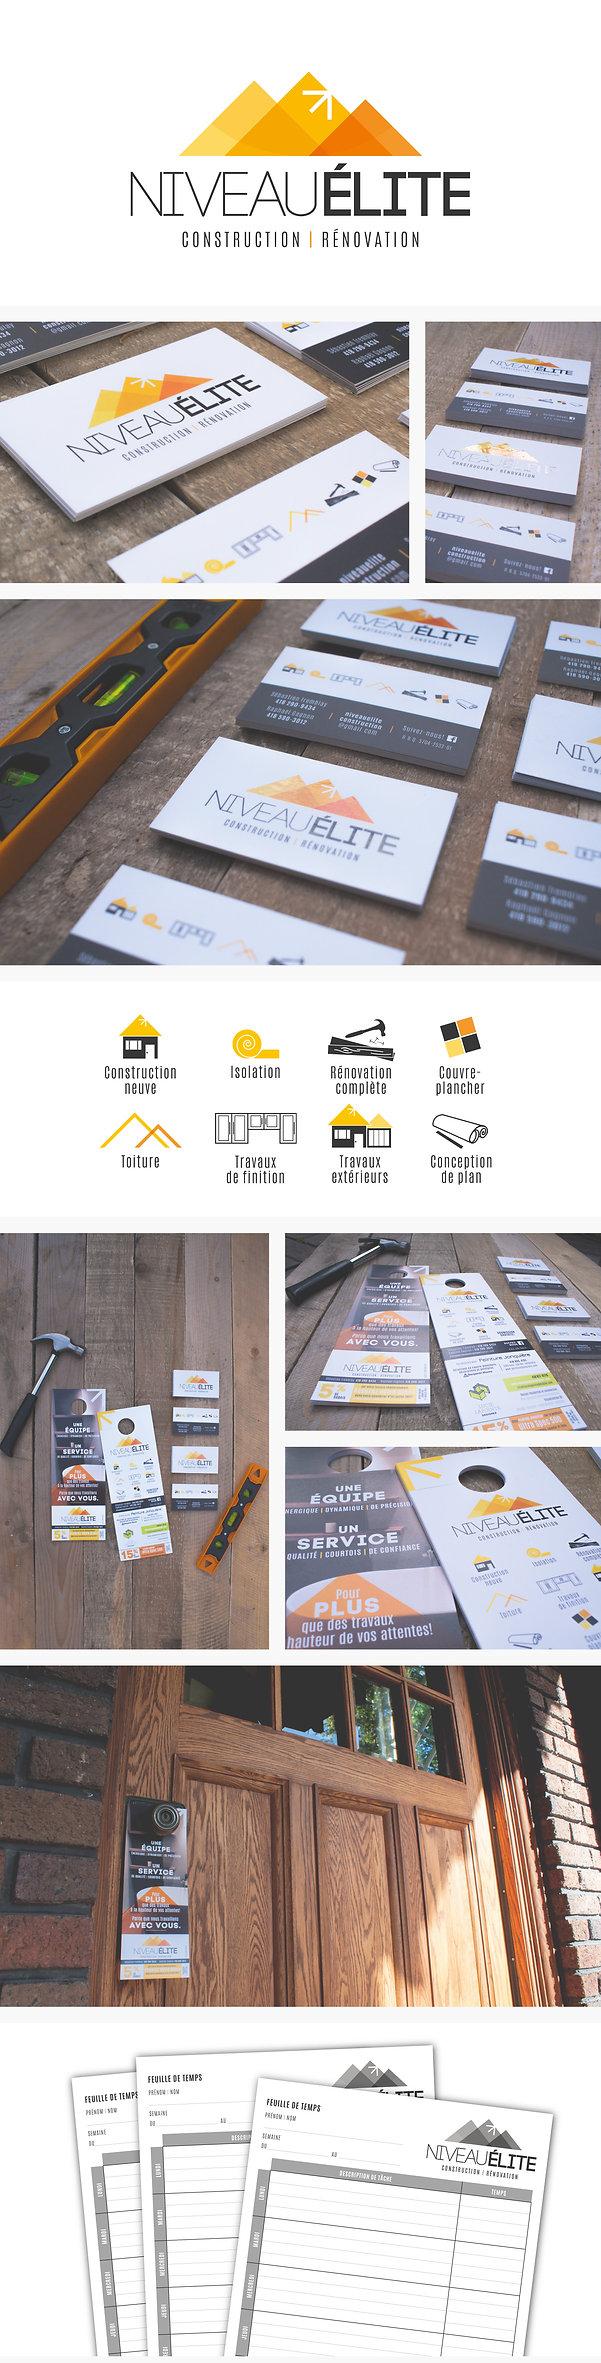 carte d'affaires, logo, Niveau Élite, construction, icône, construction neuve